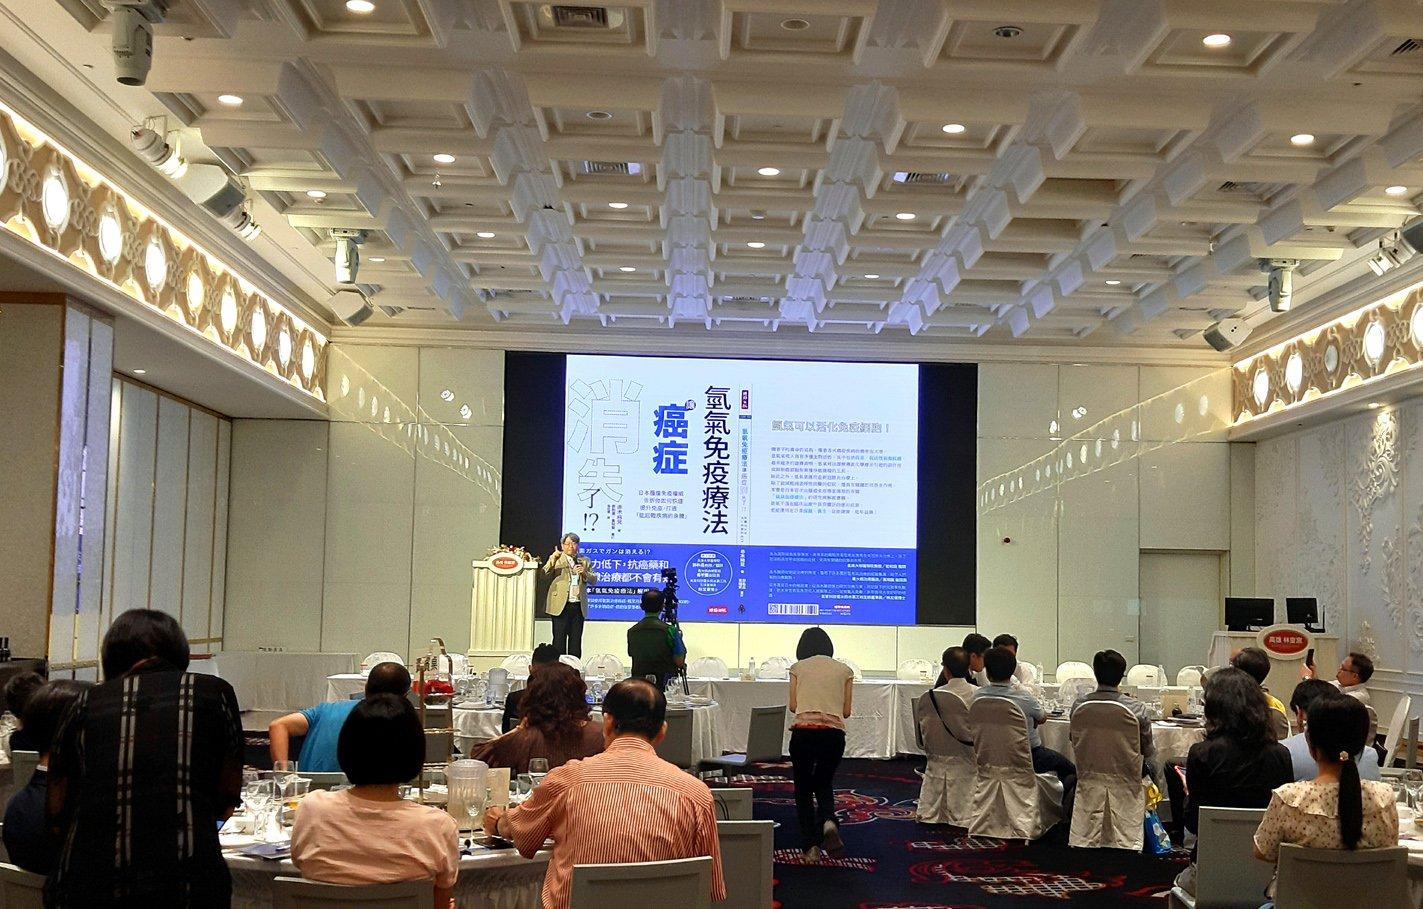 臺灣氫分子醫療促進協會-13 郭和昌教授 解說 氫氣免疫療法讓癌症消失了 新書發表